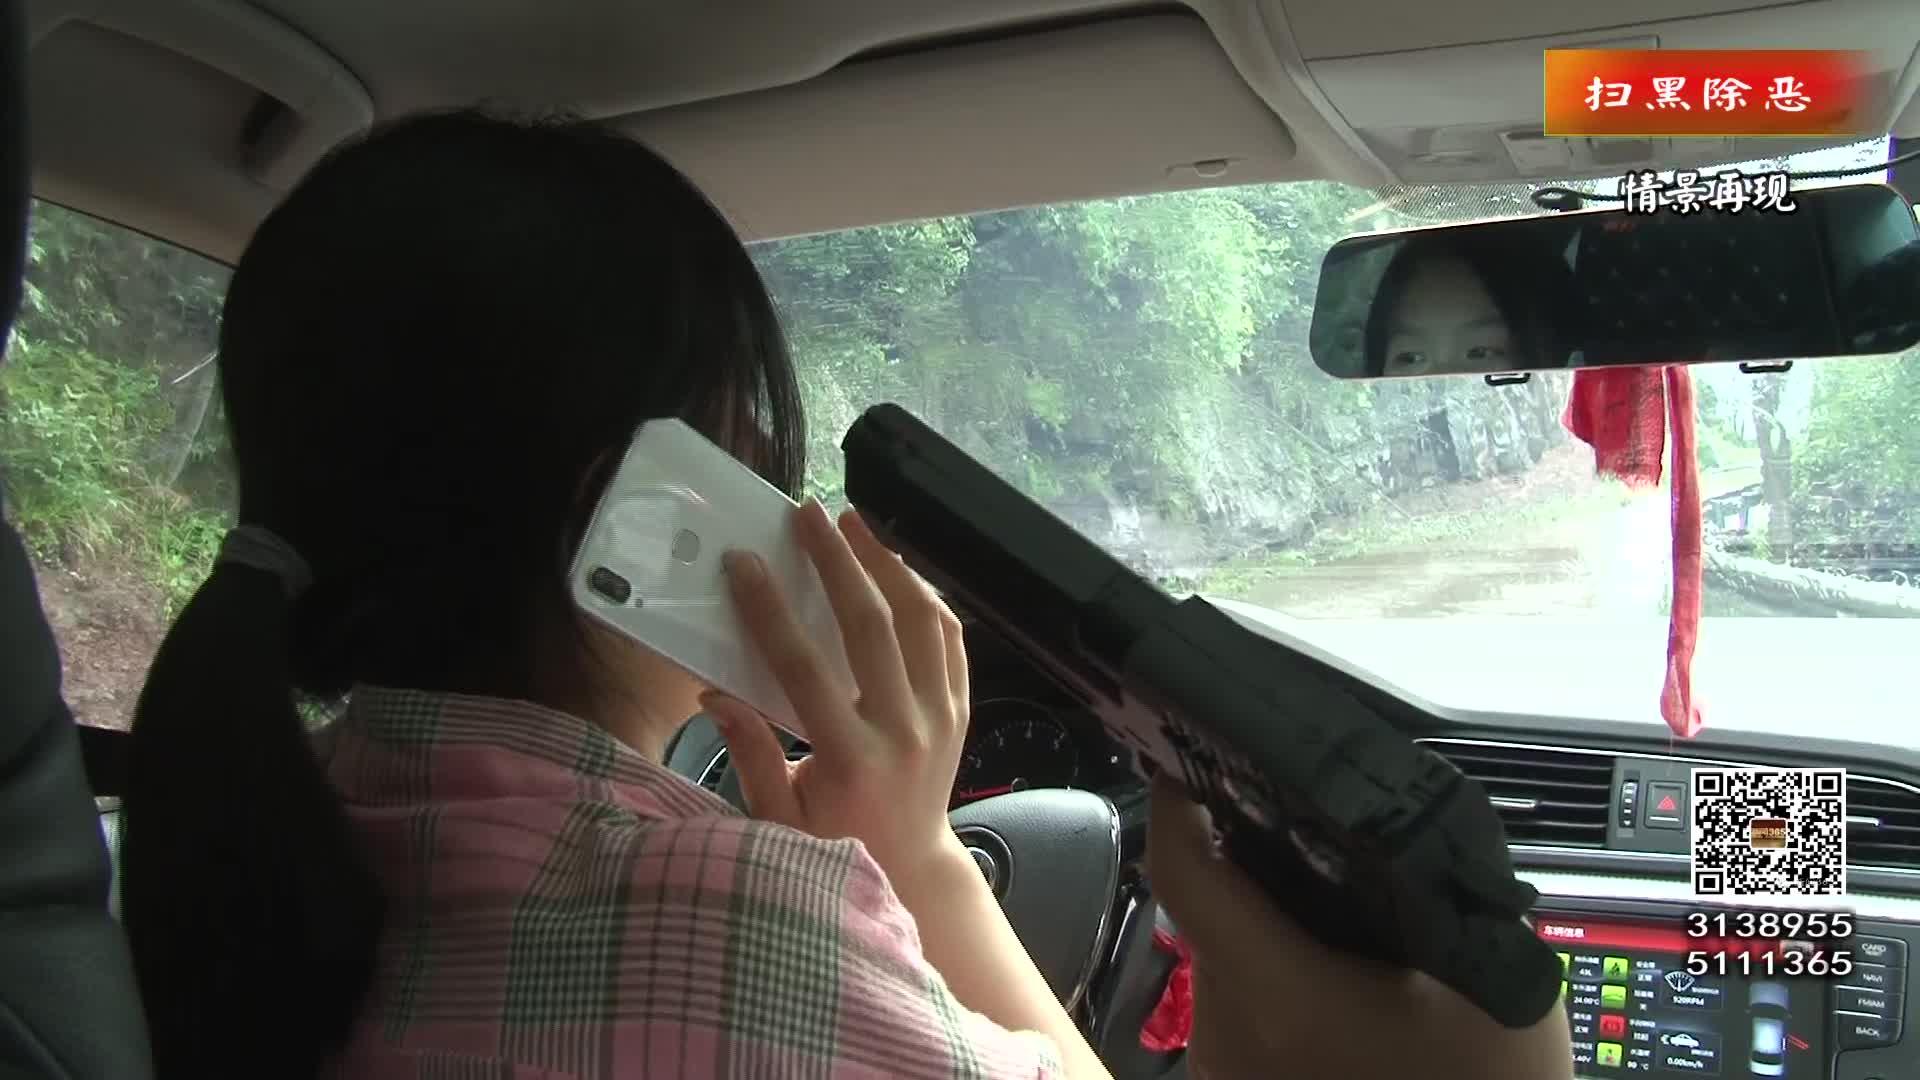 猖狂!男子夜间持假枪劫持女司机 索要赎金五千元